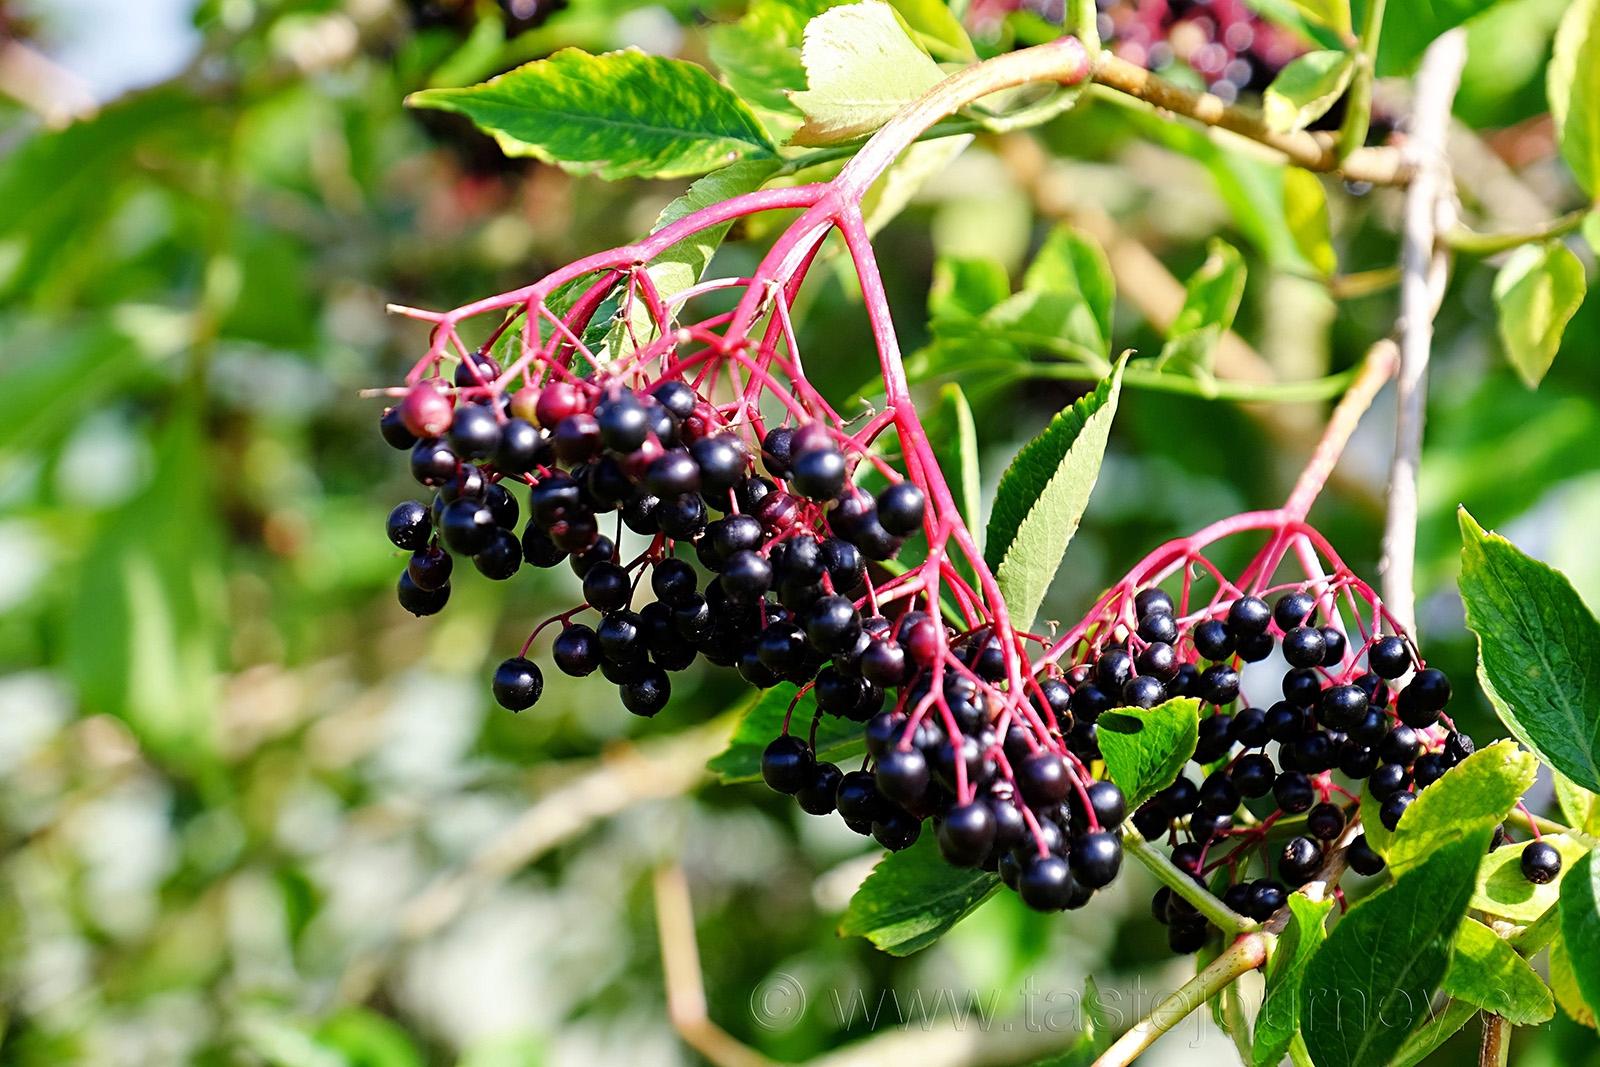 Plody keře Sambucus nigra, tedy černého bezu